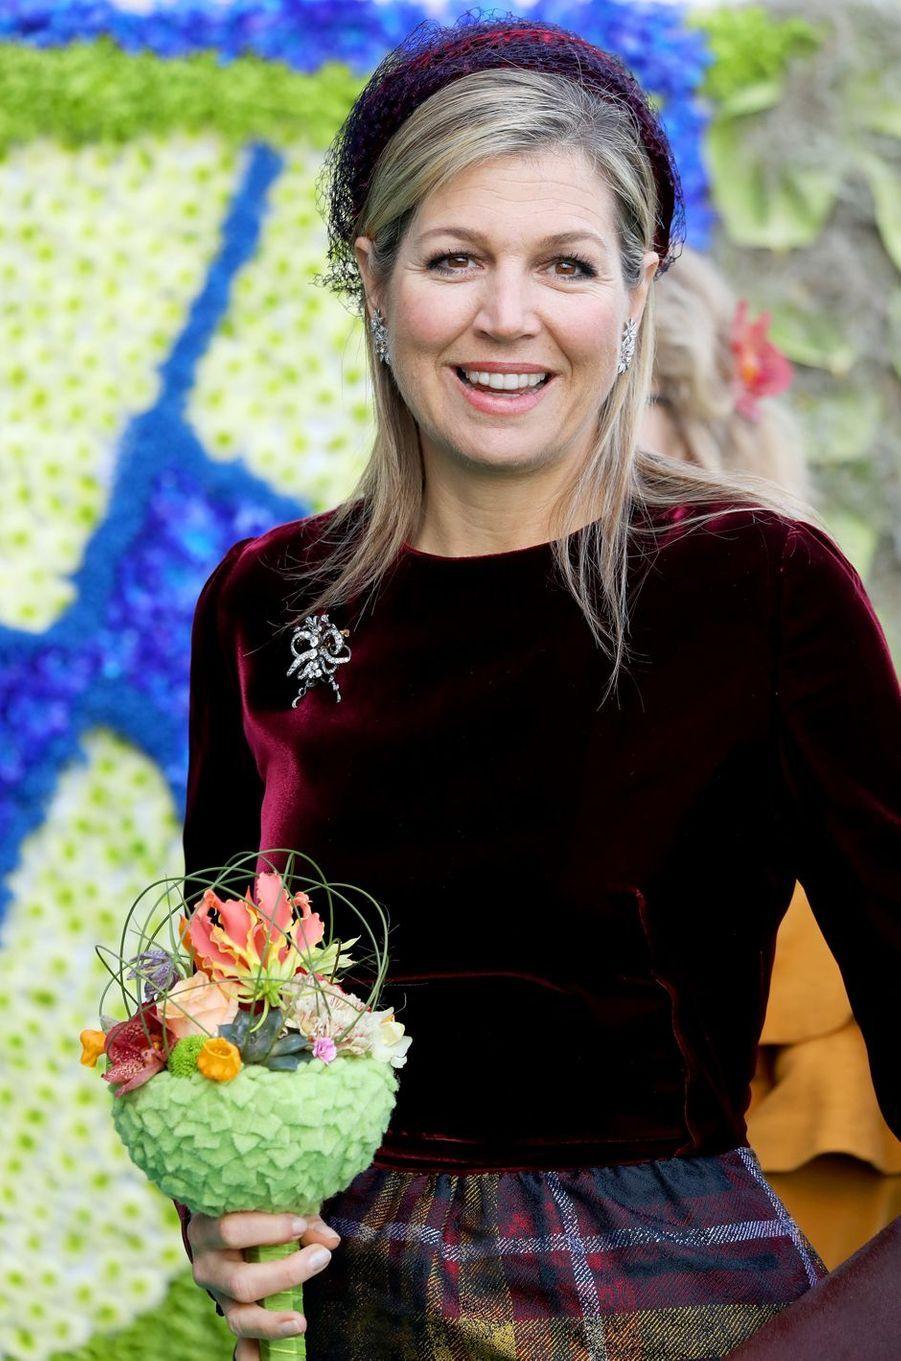 La reine Maxima des Pays-Bas et son bouquet original à Westland, le 7 mars 2018